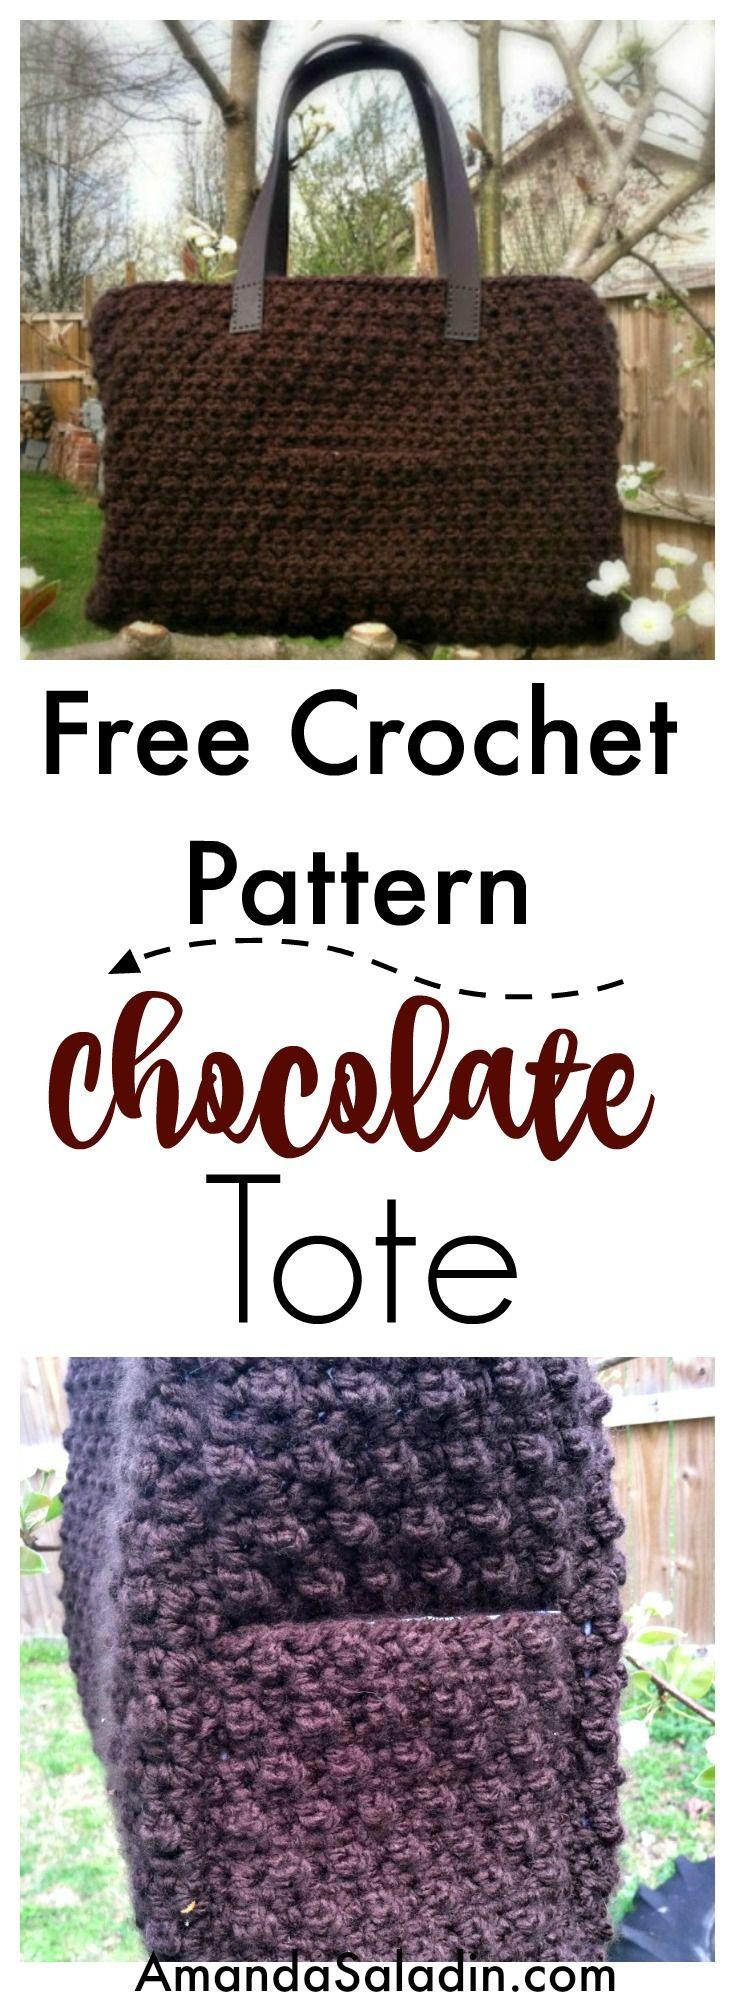 Chocolate Tote - Free Crochet Pattern | TEJIDOS crochet bolsos ...